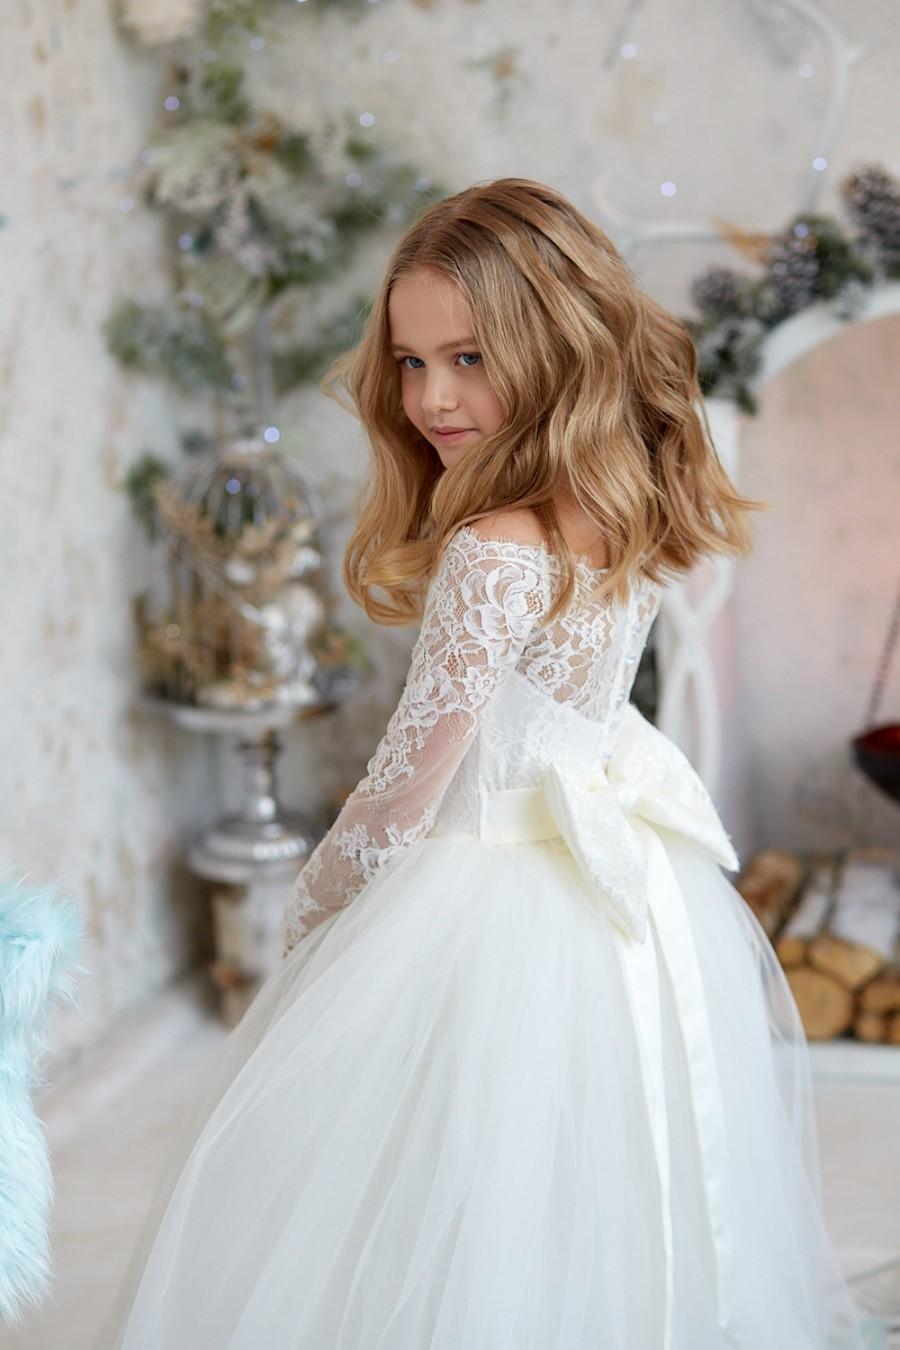 Mariage - Flower girl dress,Rustic Flower Dress,Tulle flower girl dress,Junior Bridesmaid Dress, lace Flower Girl dress,White lace flower girl dress